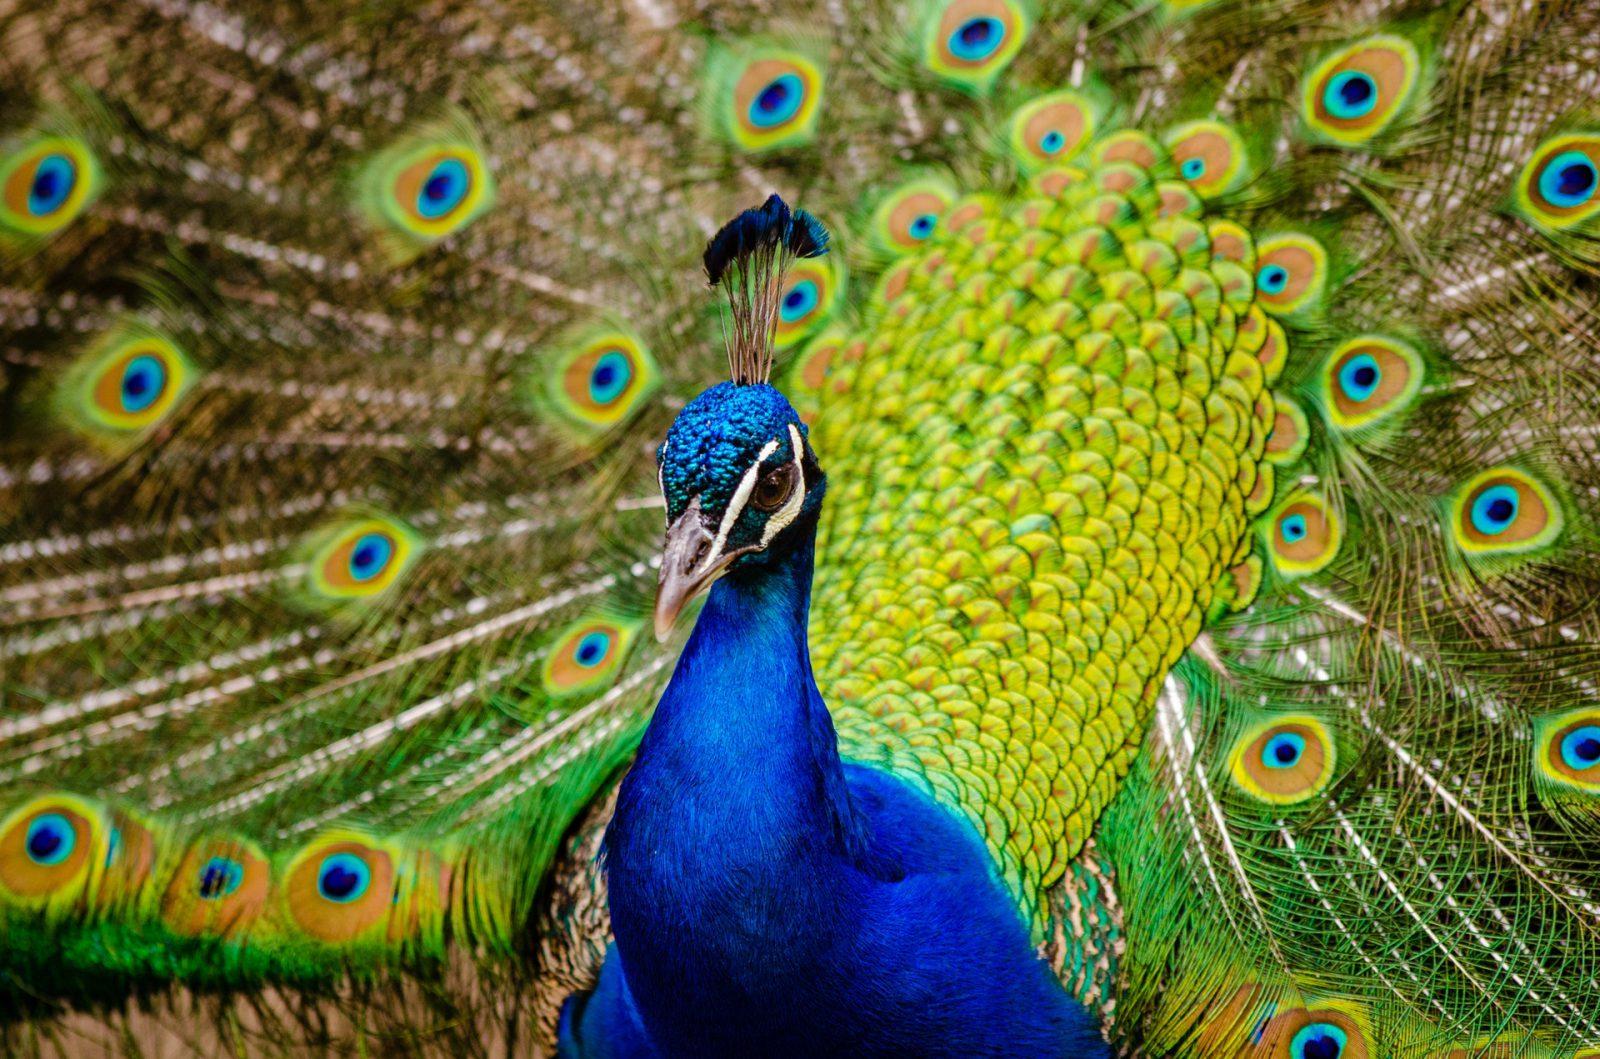 Sonhar com pavão é sinal de bons presságios para o futuro.